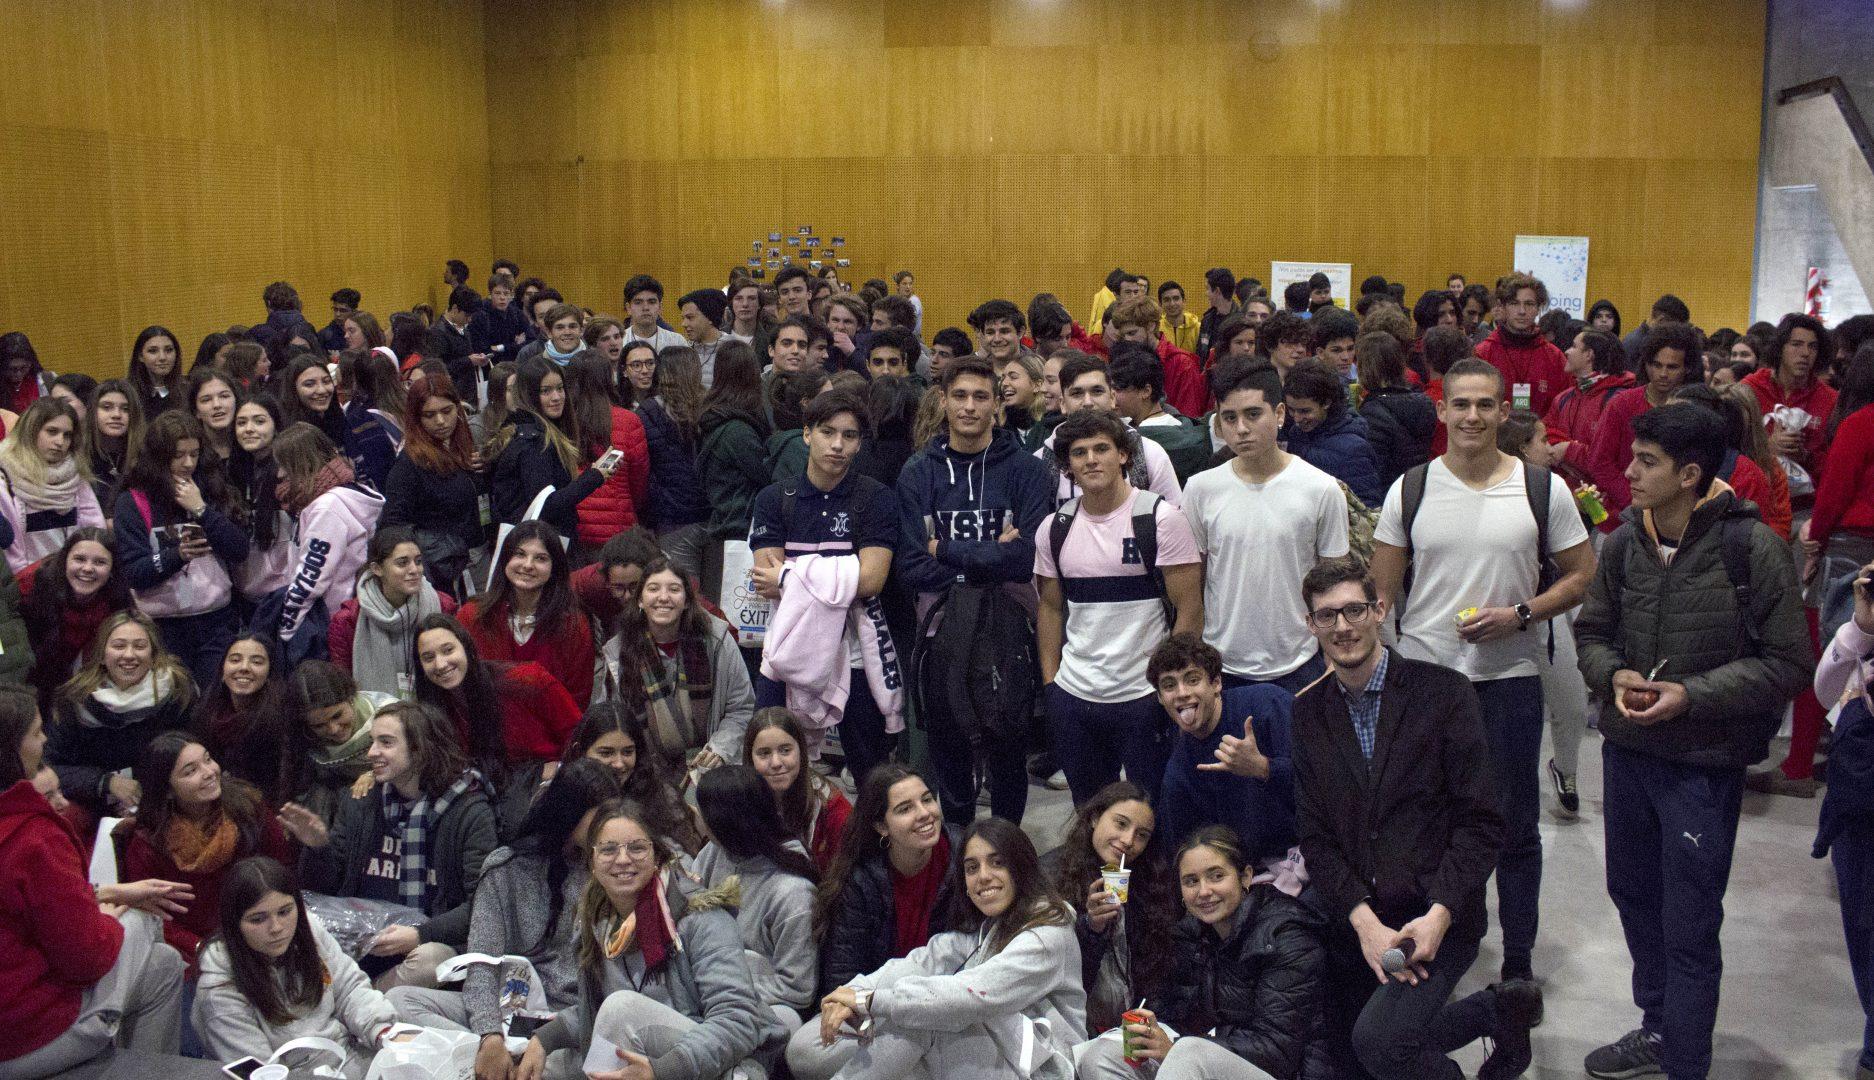 Jornada de puertas abiertas: una vez más estudiantes del secundario pudieron conocer la UBP